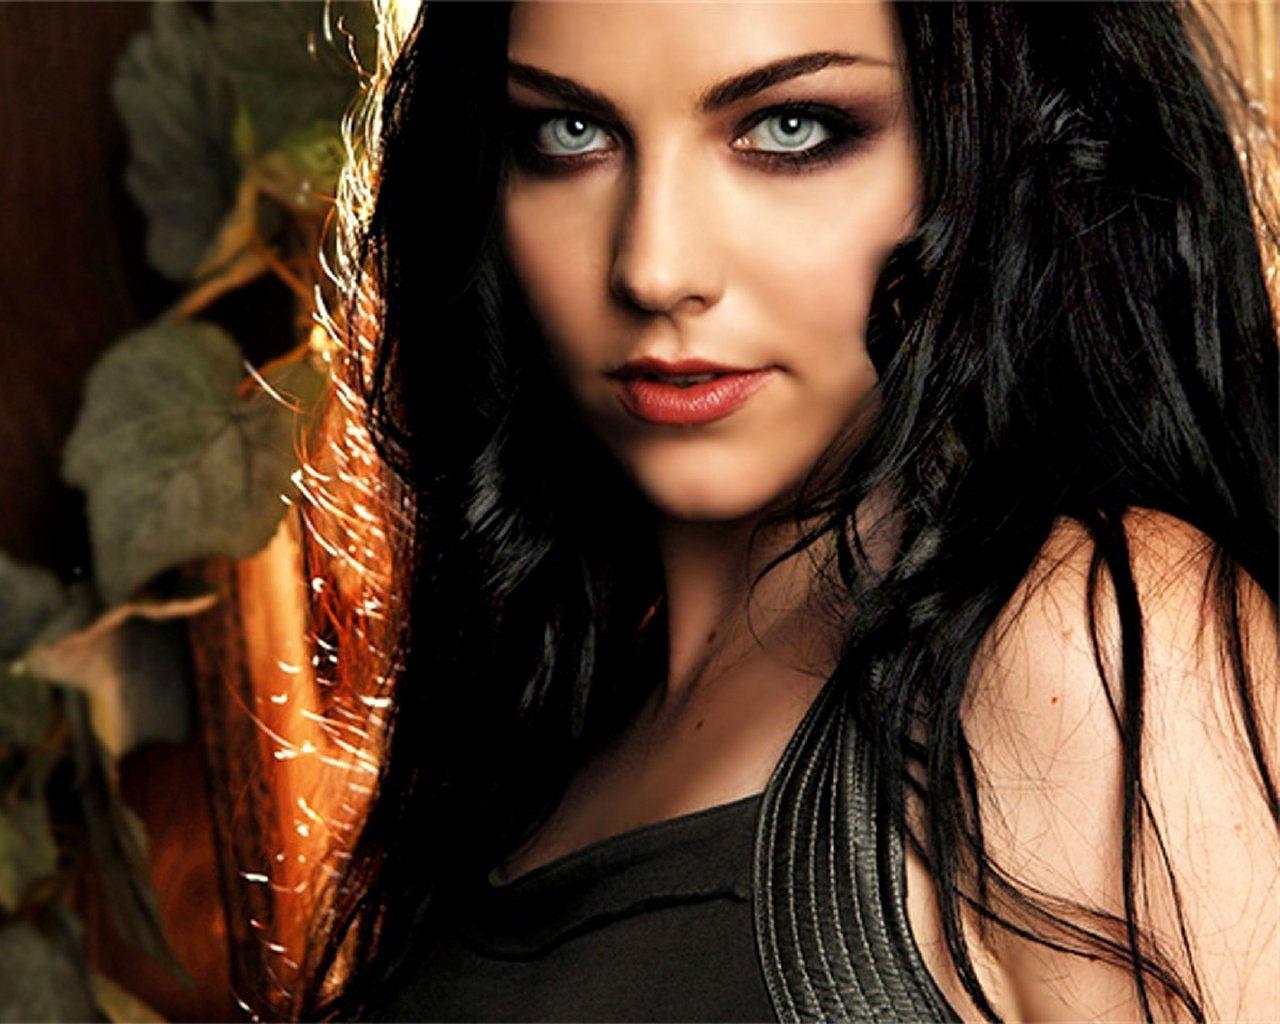 Evanescence Evanescence 1280x1024